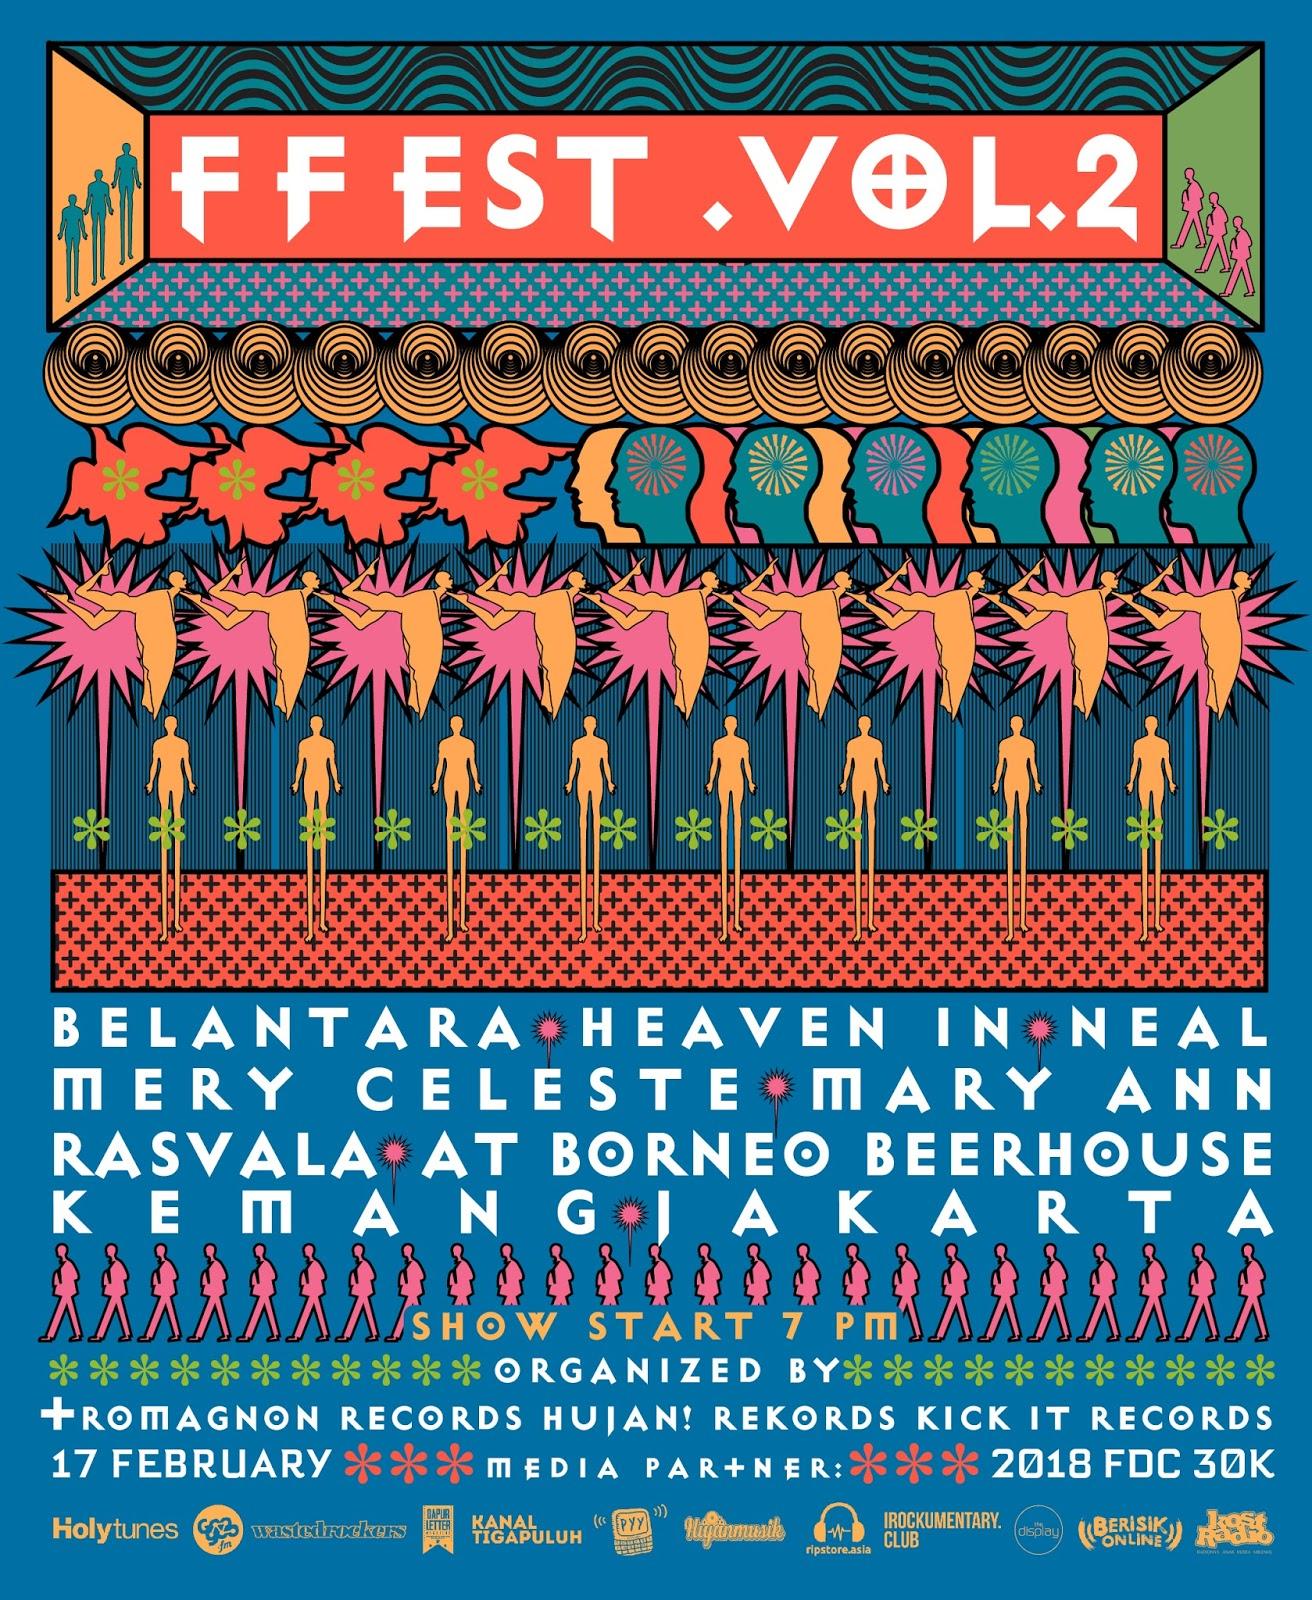 Ffest Vol.2 : Satu Kota dalam Panggung Luar Kota